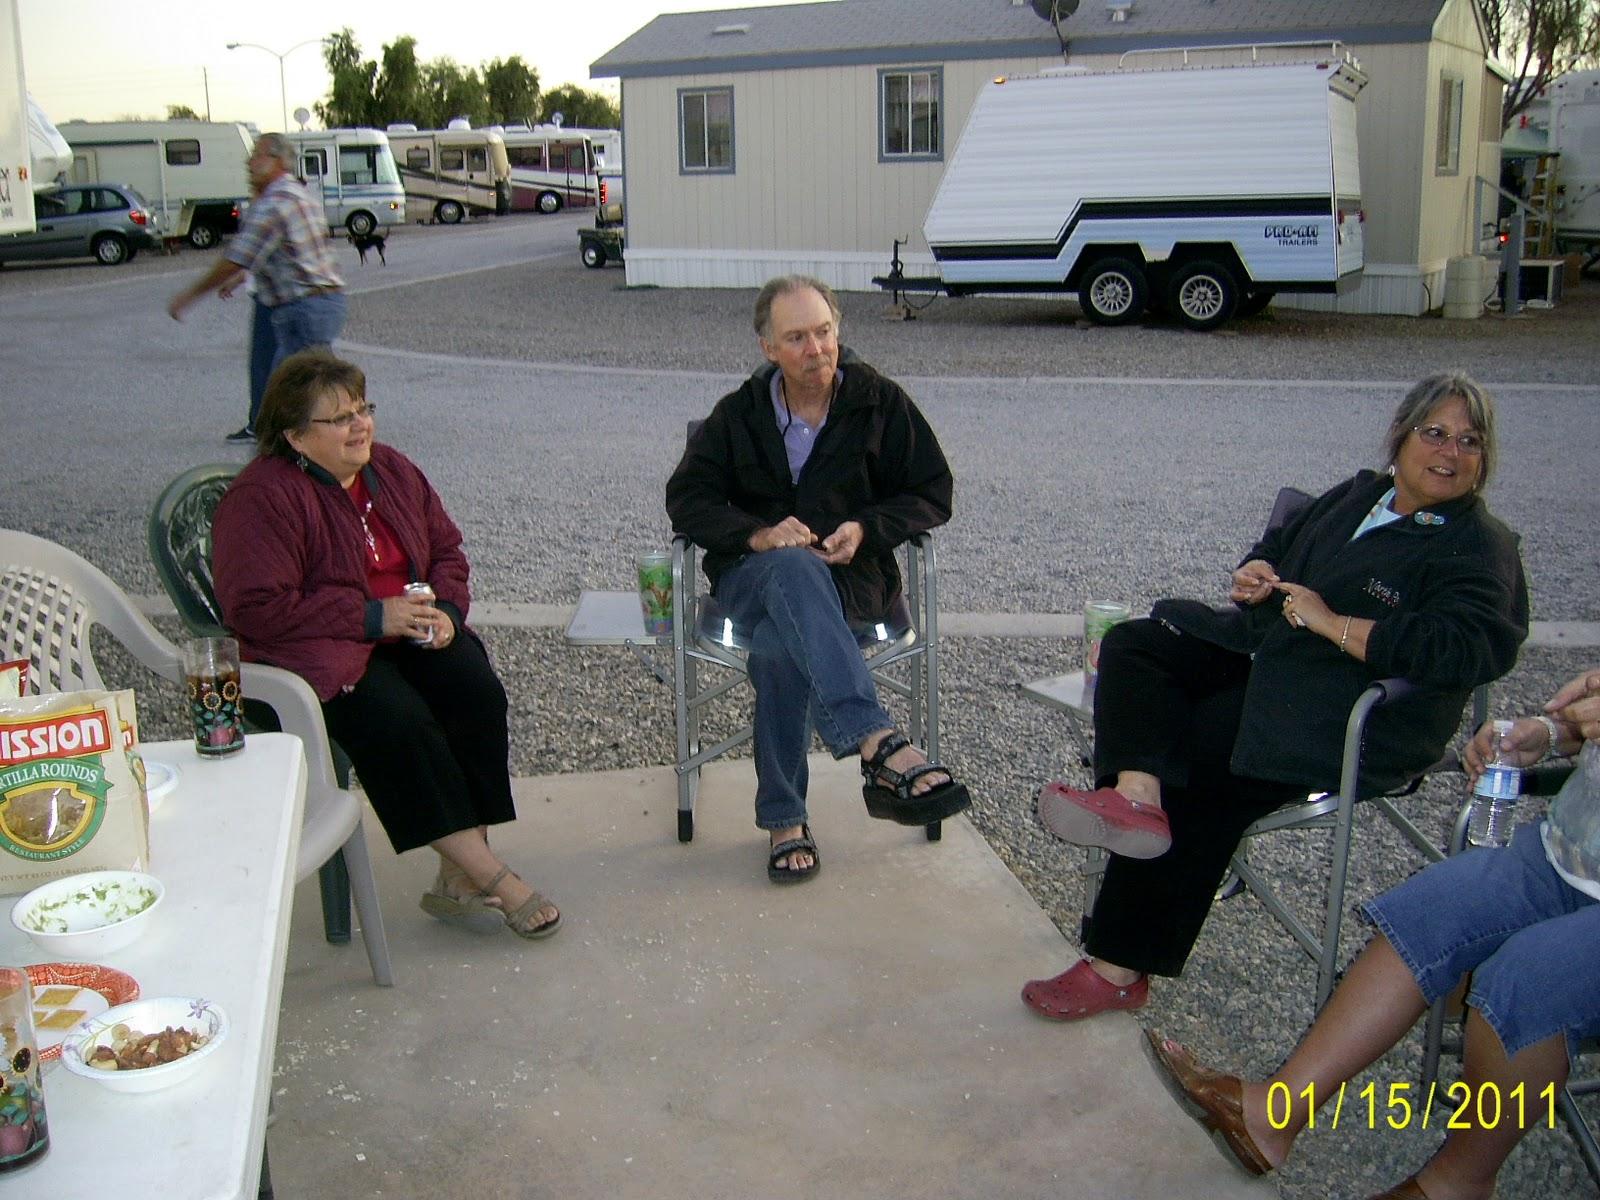 Yuma visit and debbie mike edgett